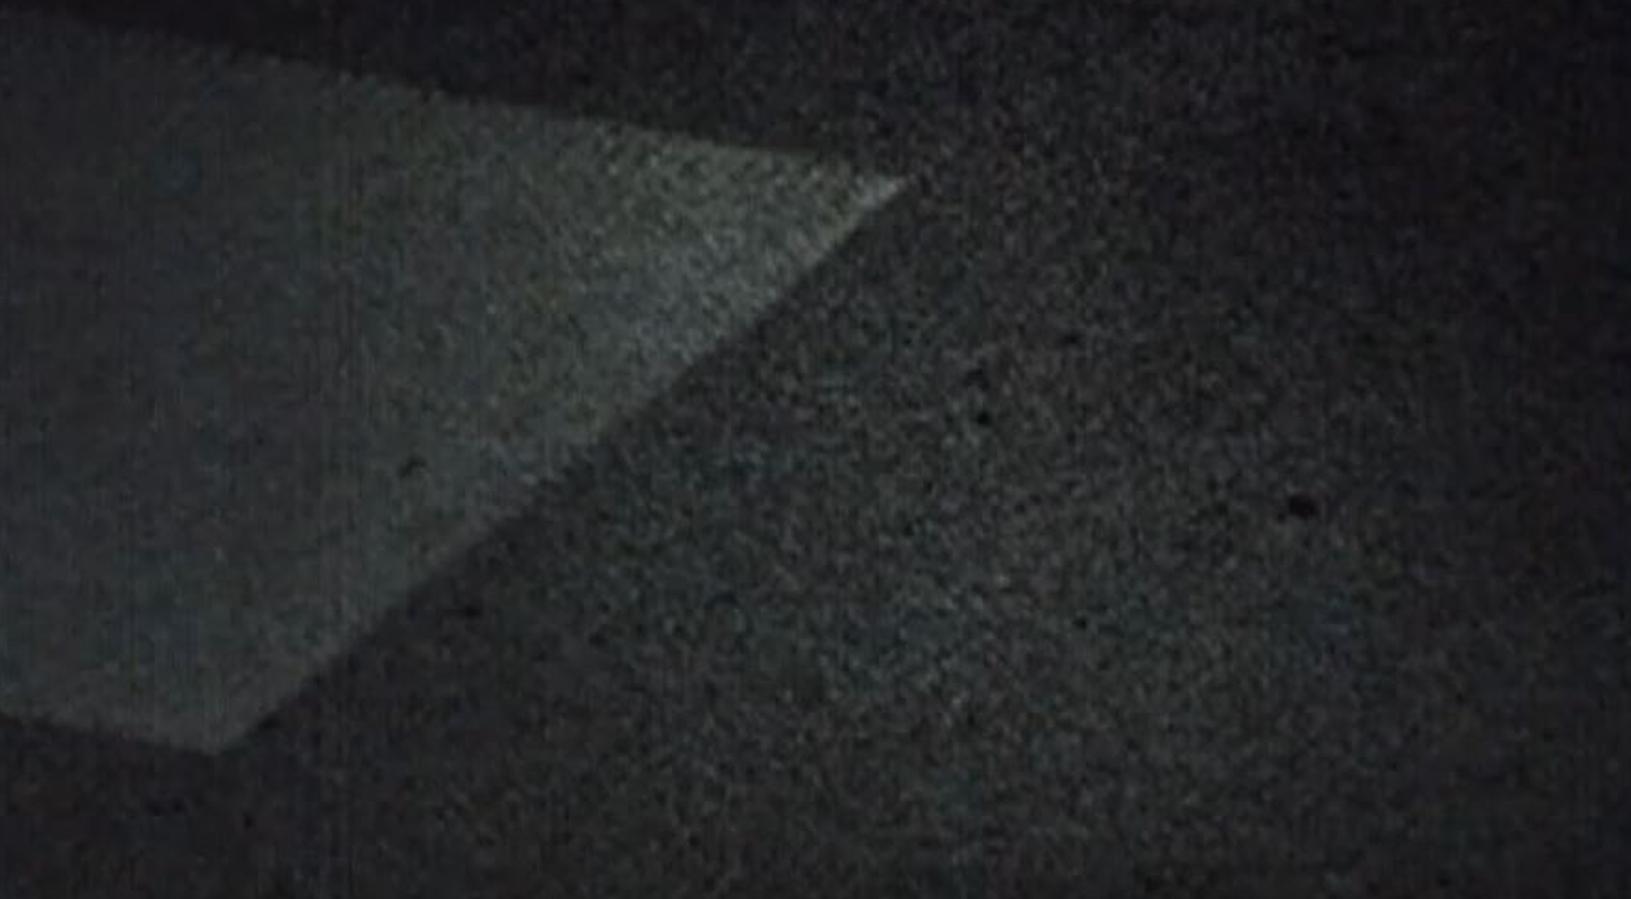 Le nettoyage laser au ralenti en vidéo